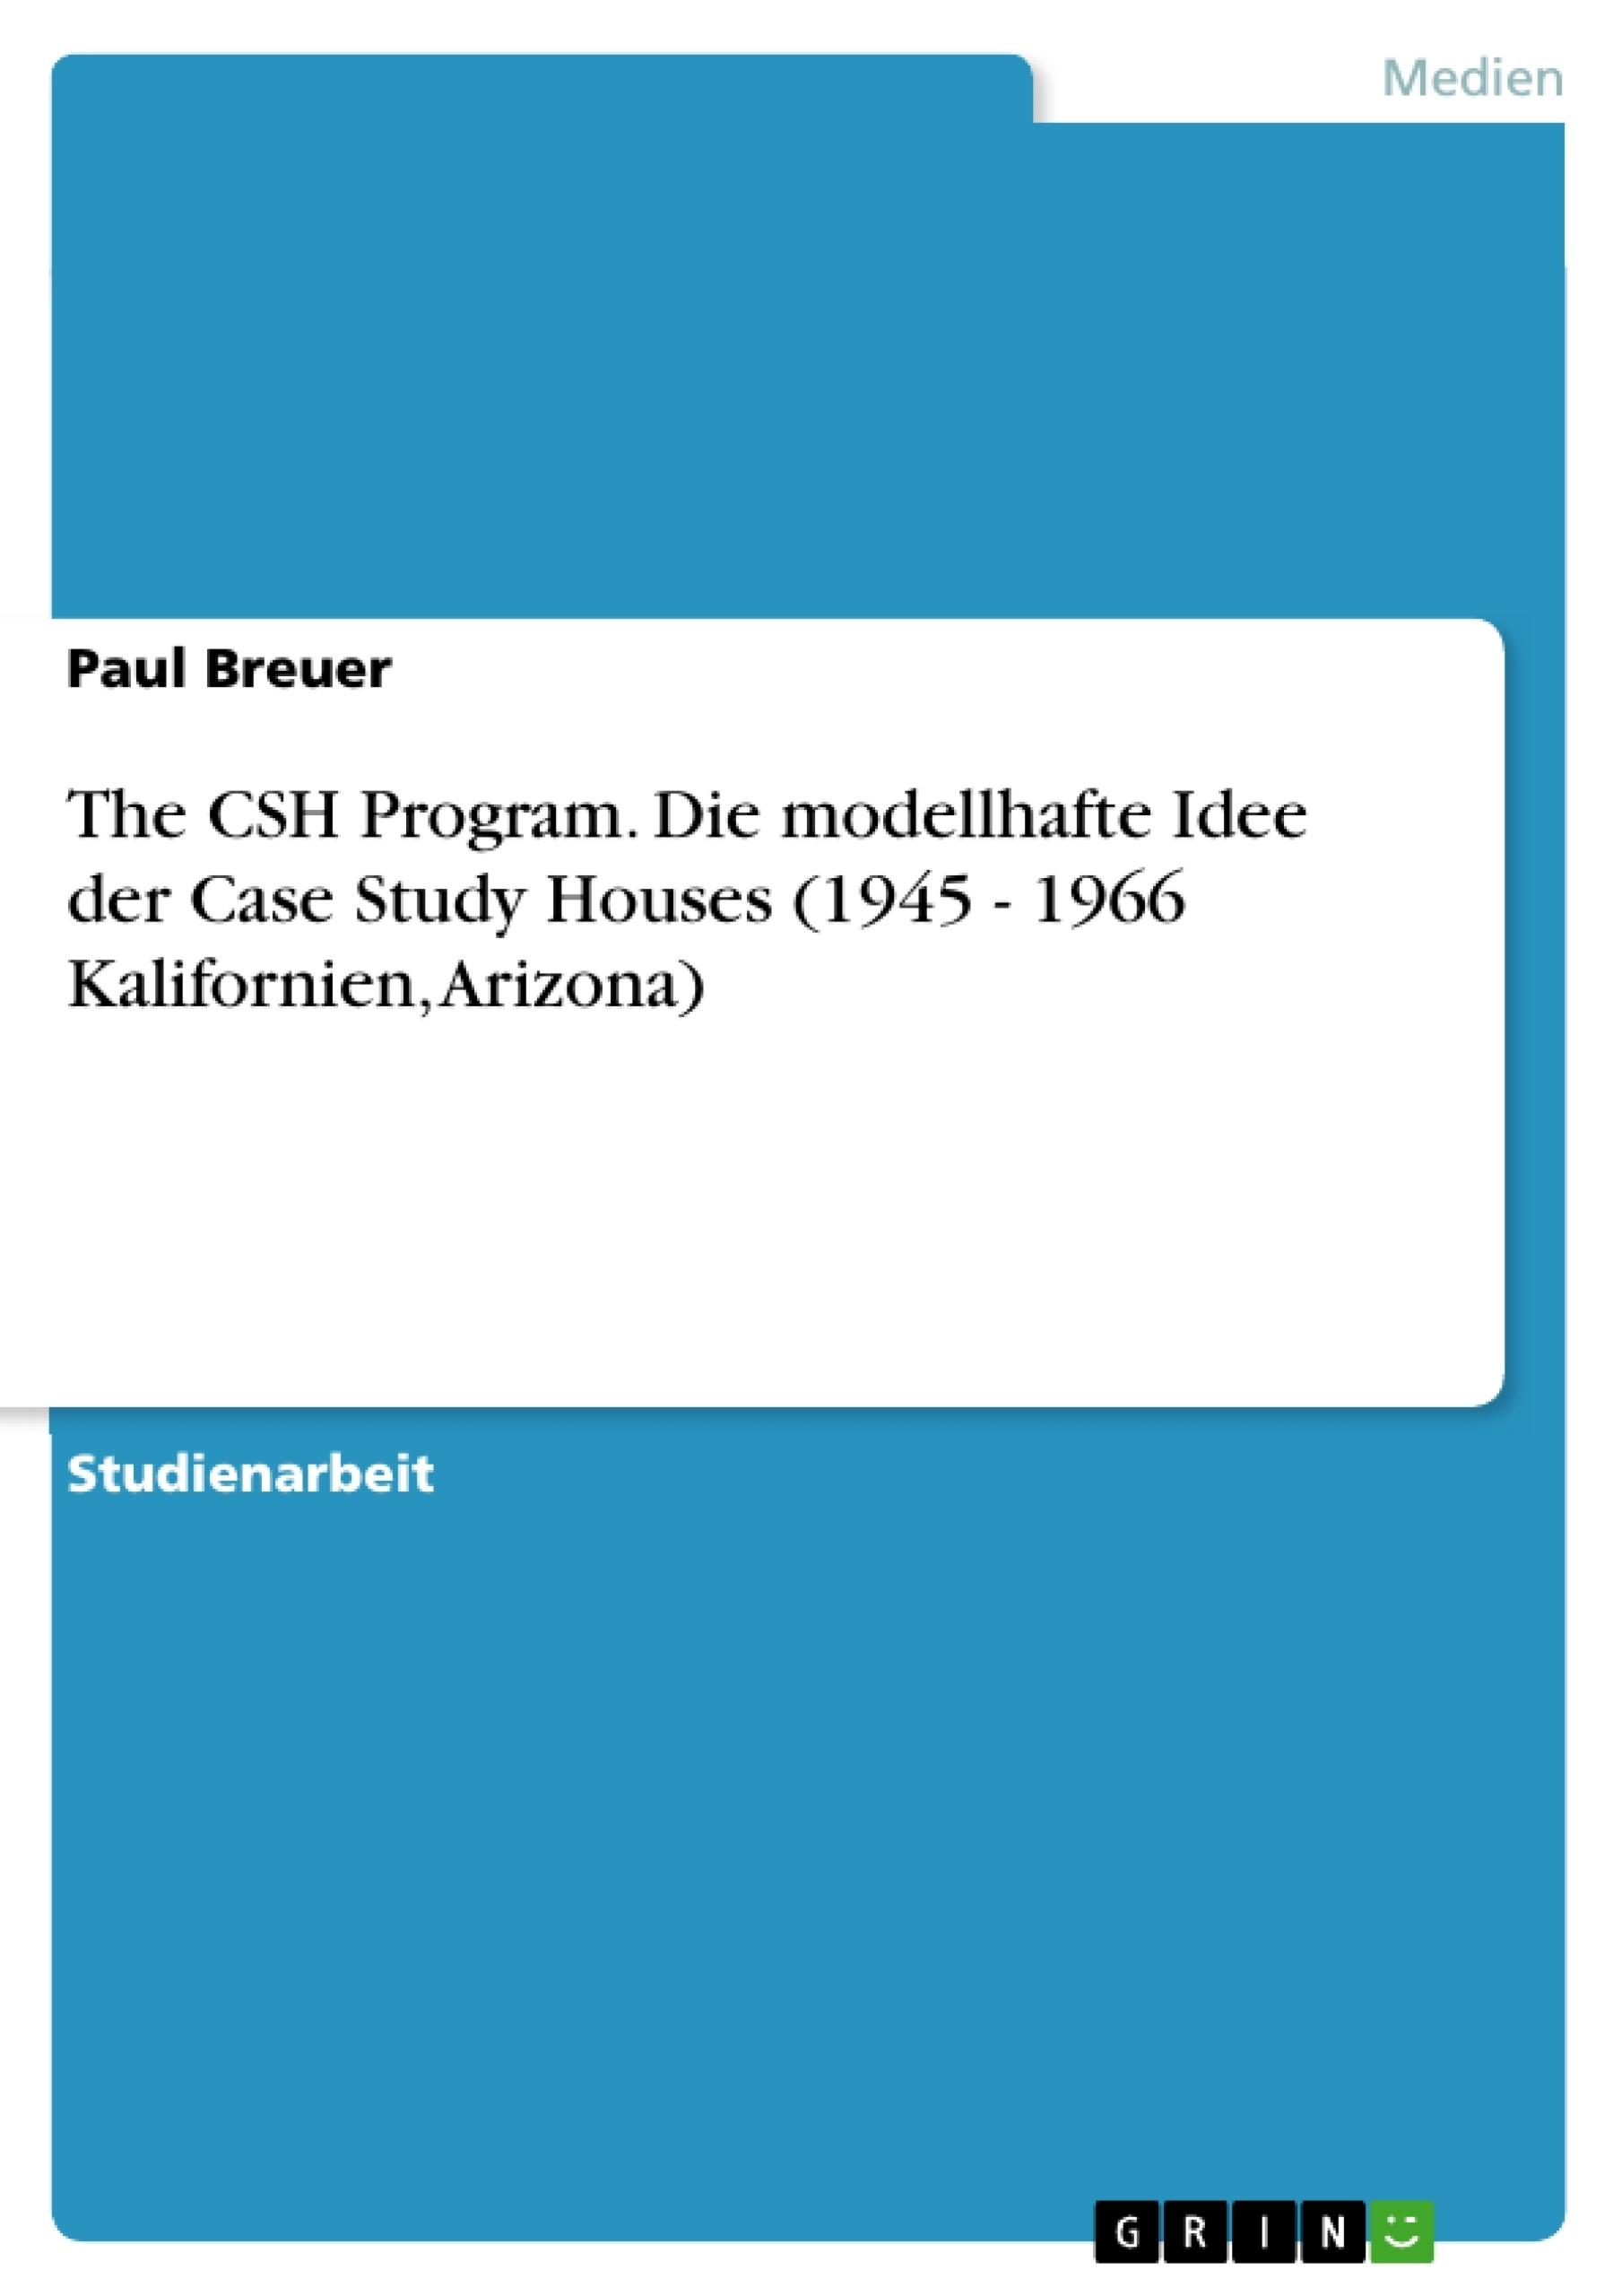 Titel: The CSH Program. Die modellhafte Idee der Case Study Houses (1945 - 1966 Kalifornien, Arizona)